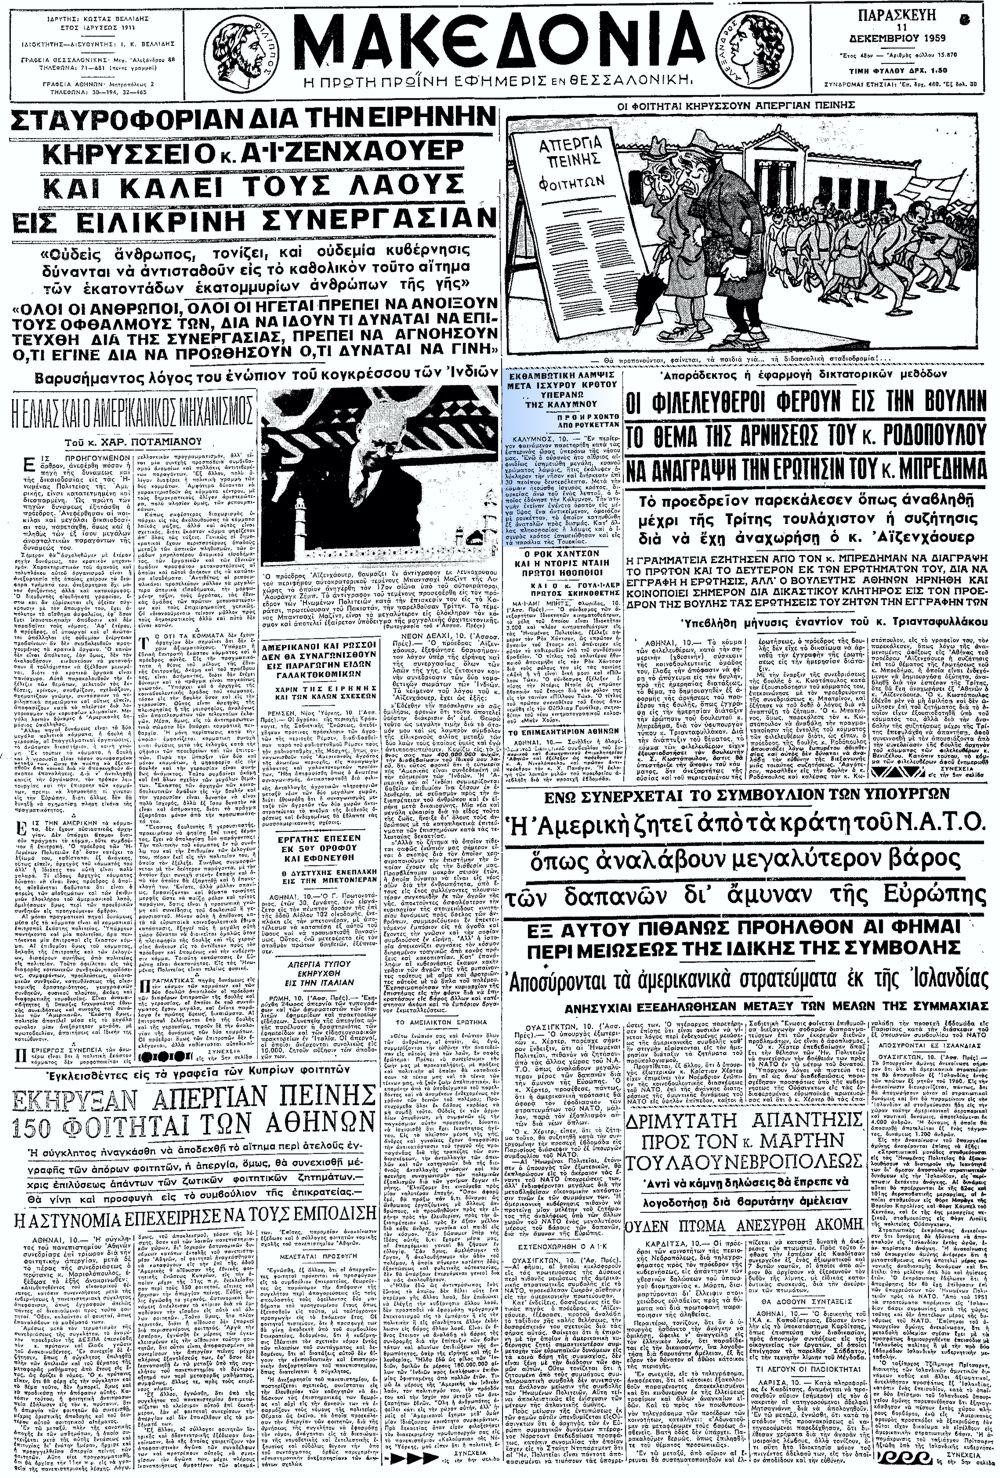 """Το άρθρο, όπως δημοσιεύθηκε στην εφημερίδα """"ΜΑΚΕΔΟΝΙΑ"""", στις 11/12/1959"""